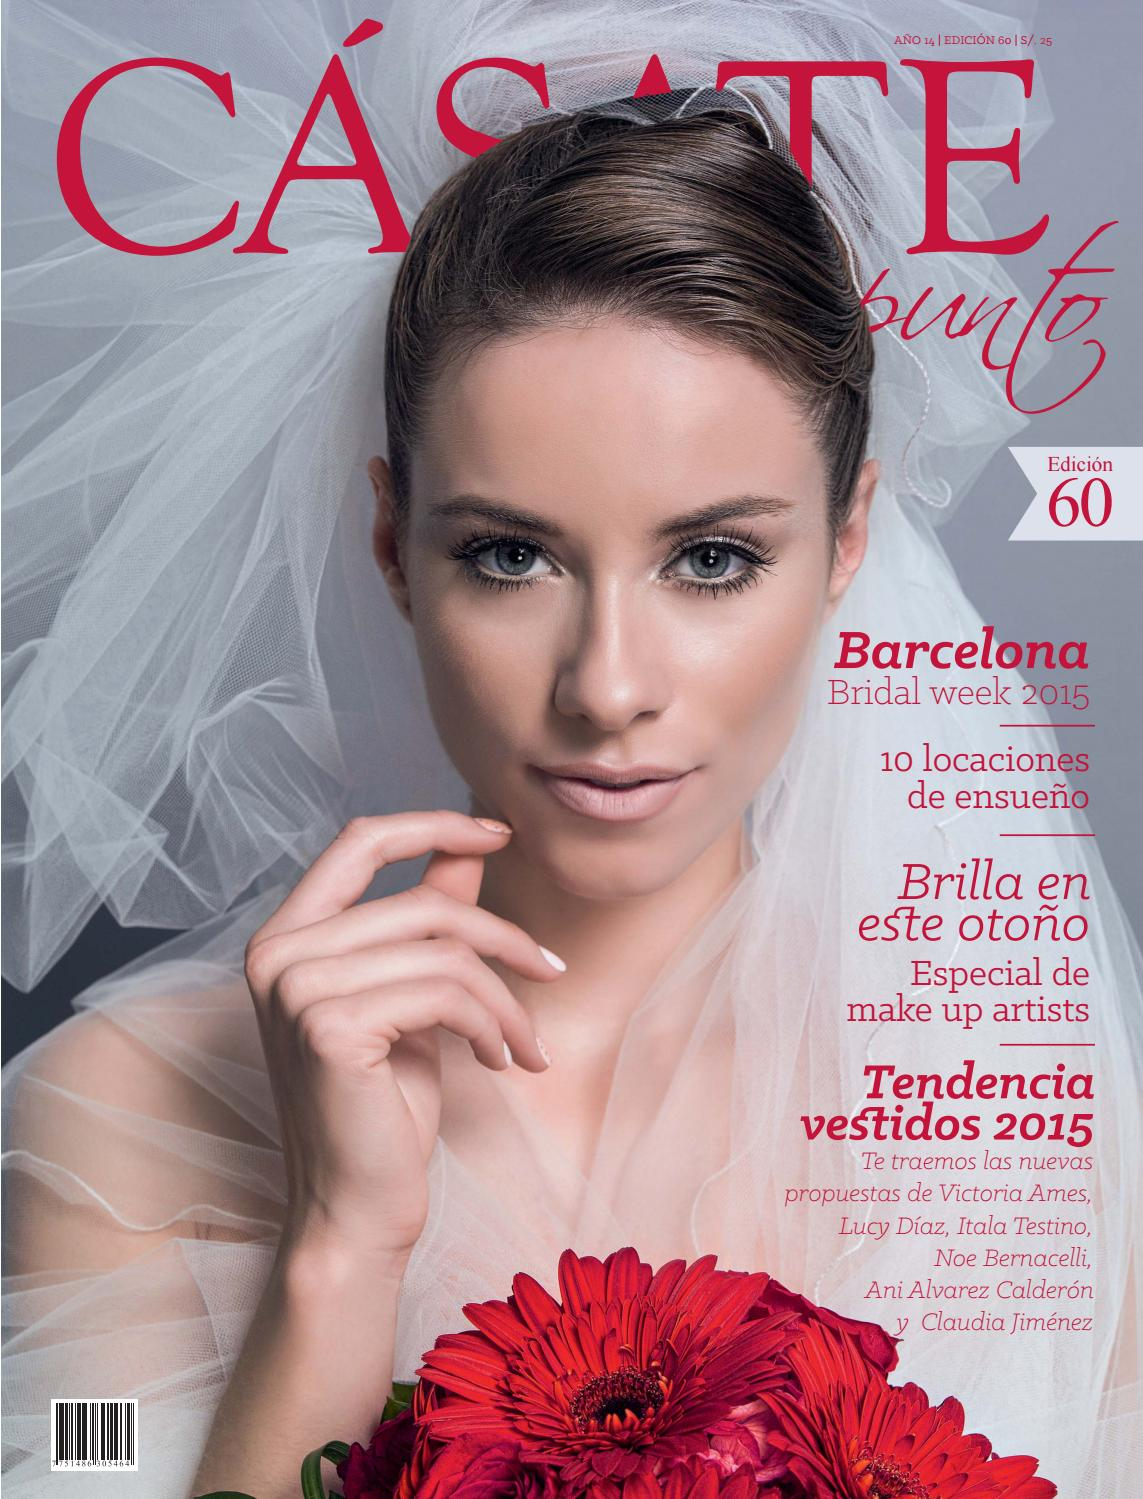 Edición 60 by Casate y Punto - issuu